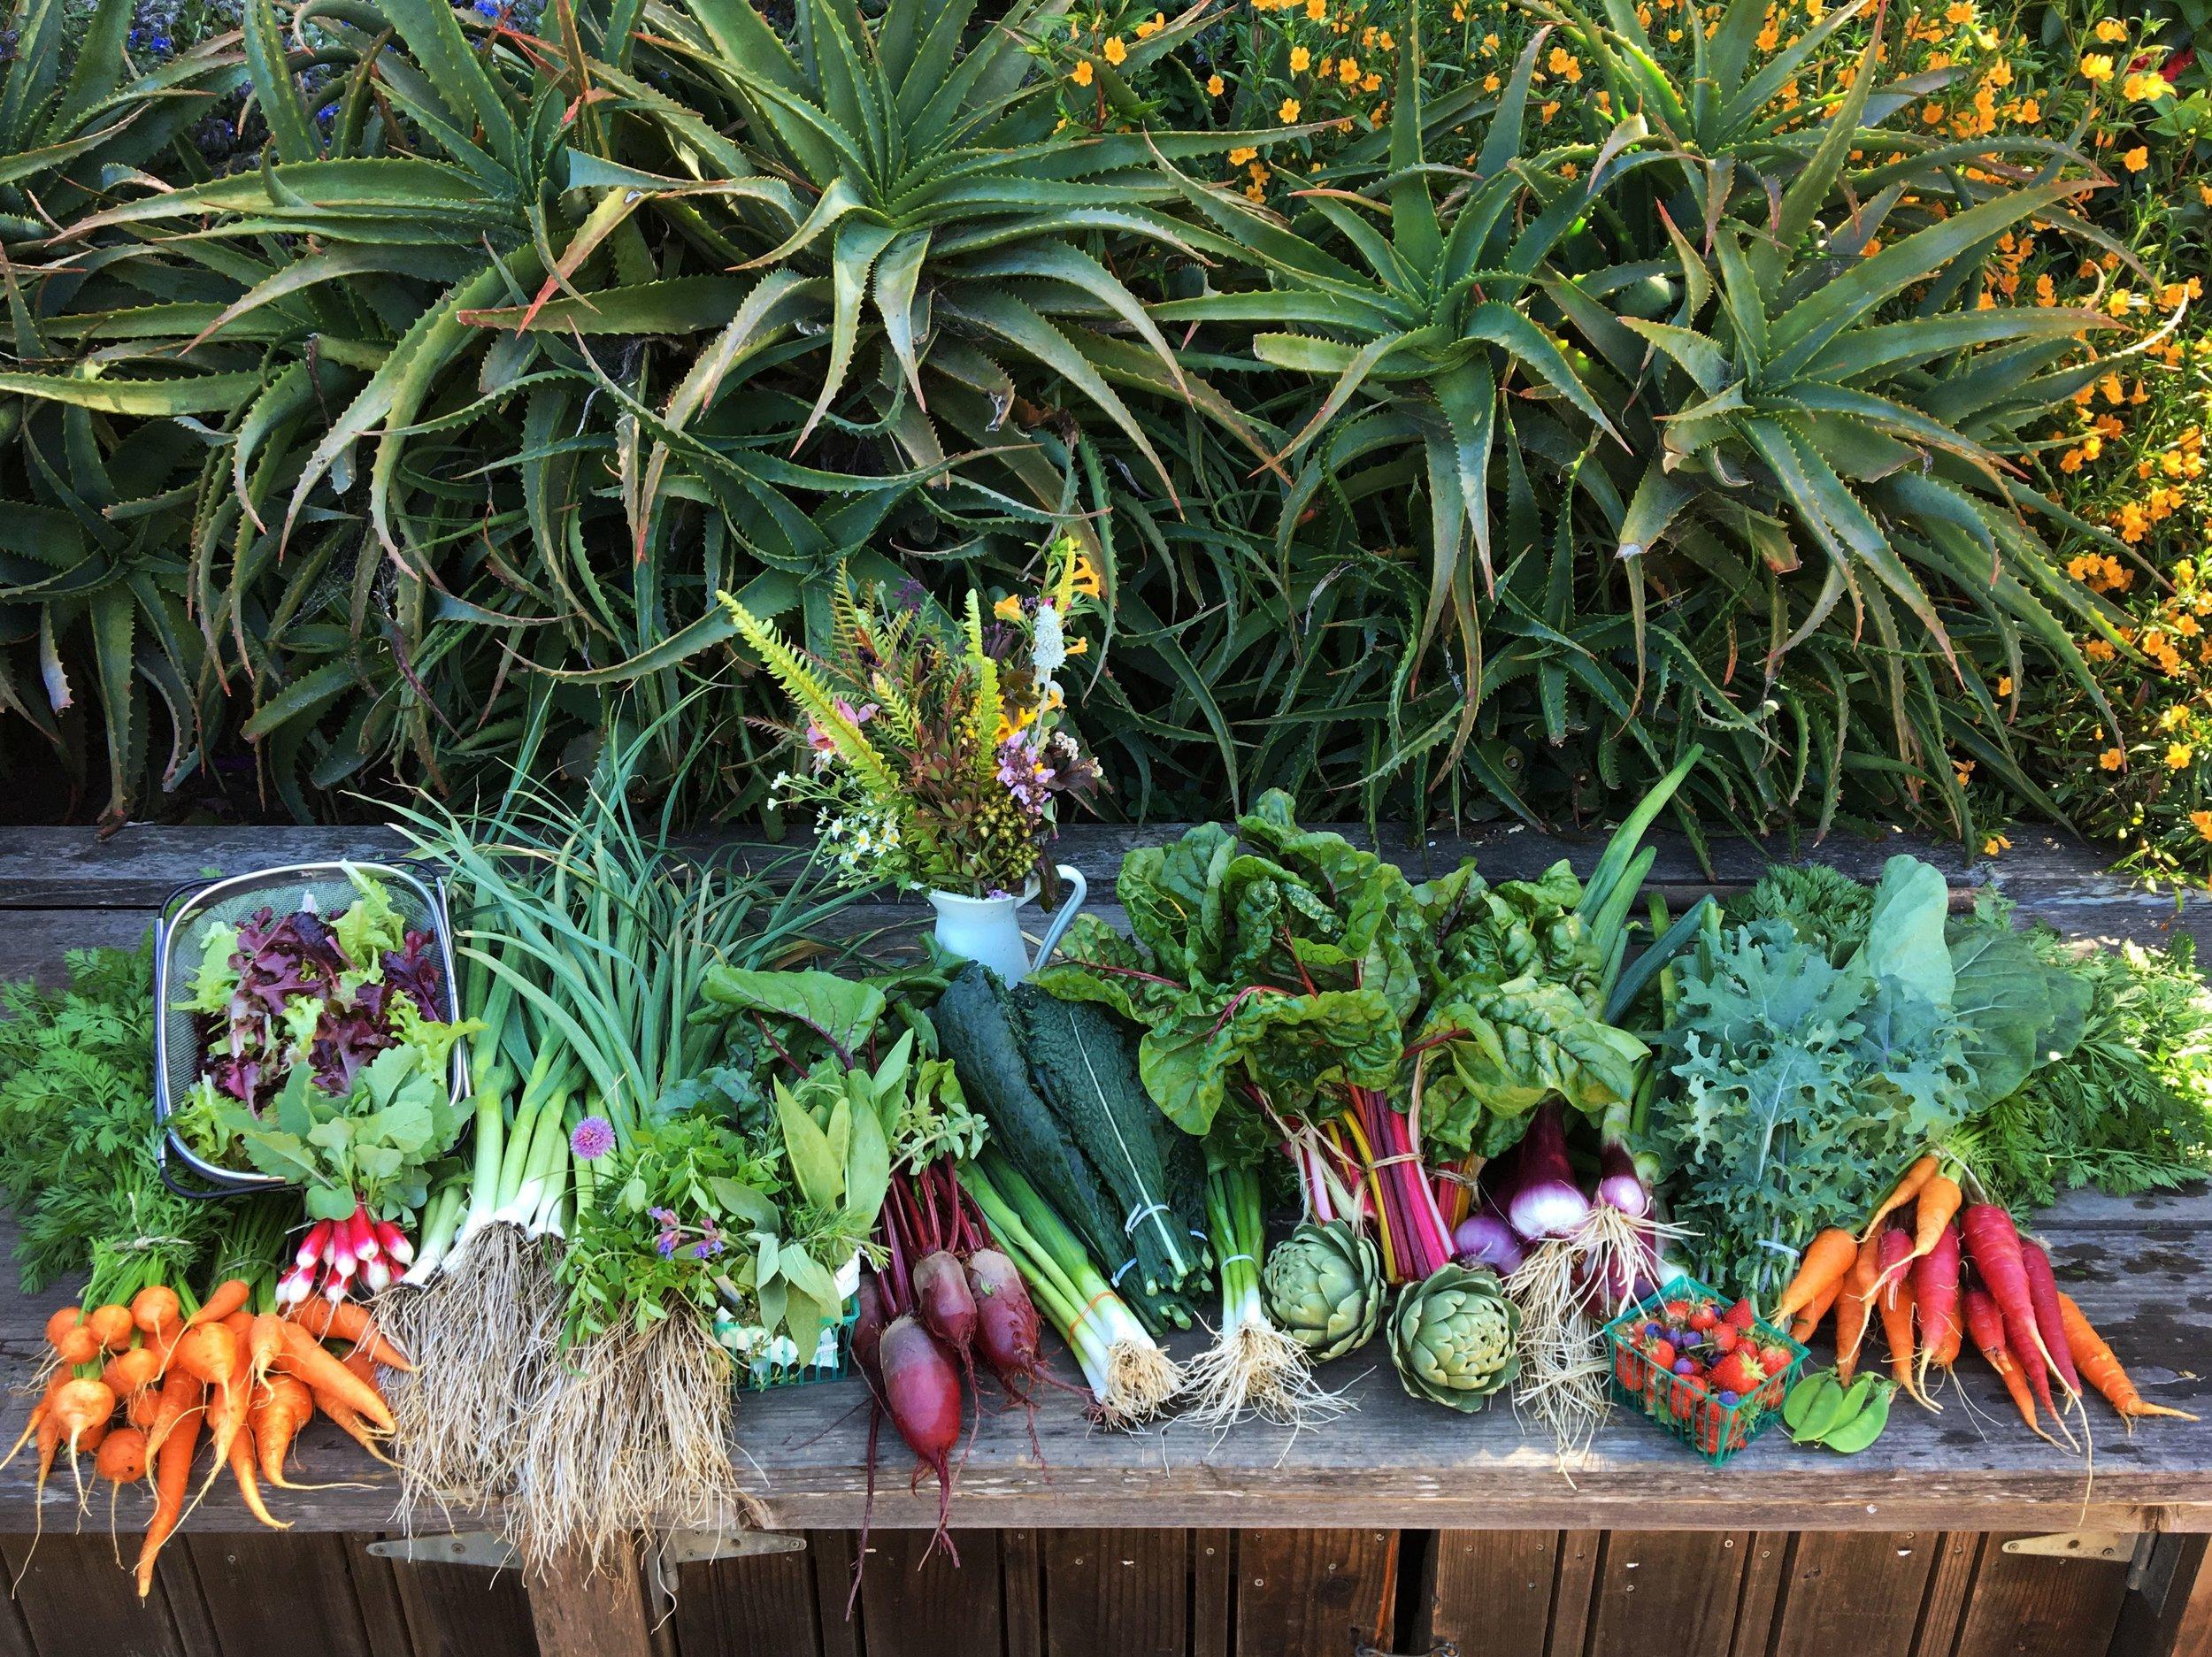 A full summer harvest at GFE.